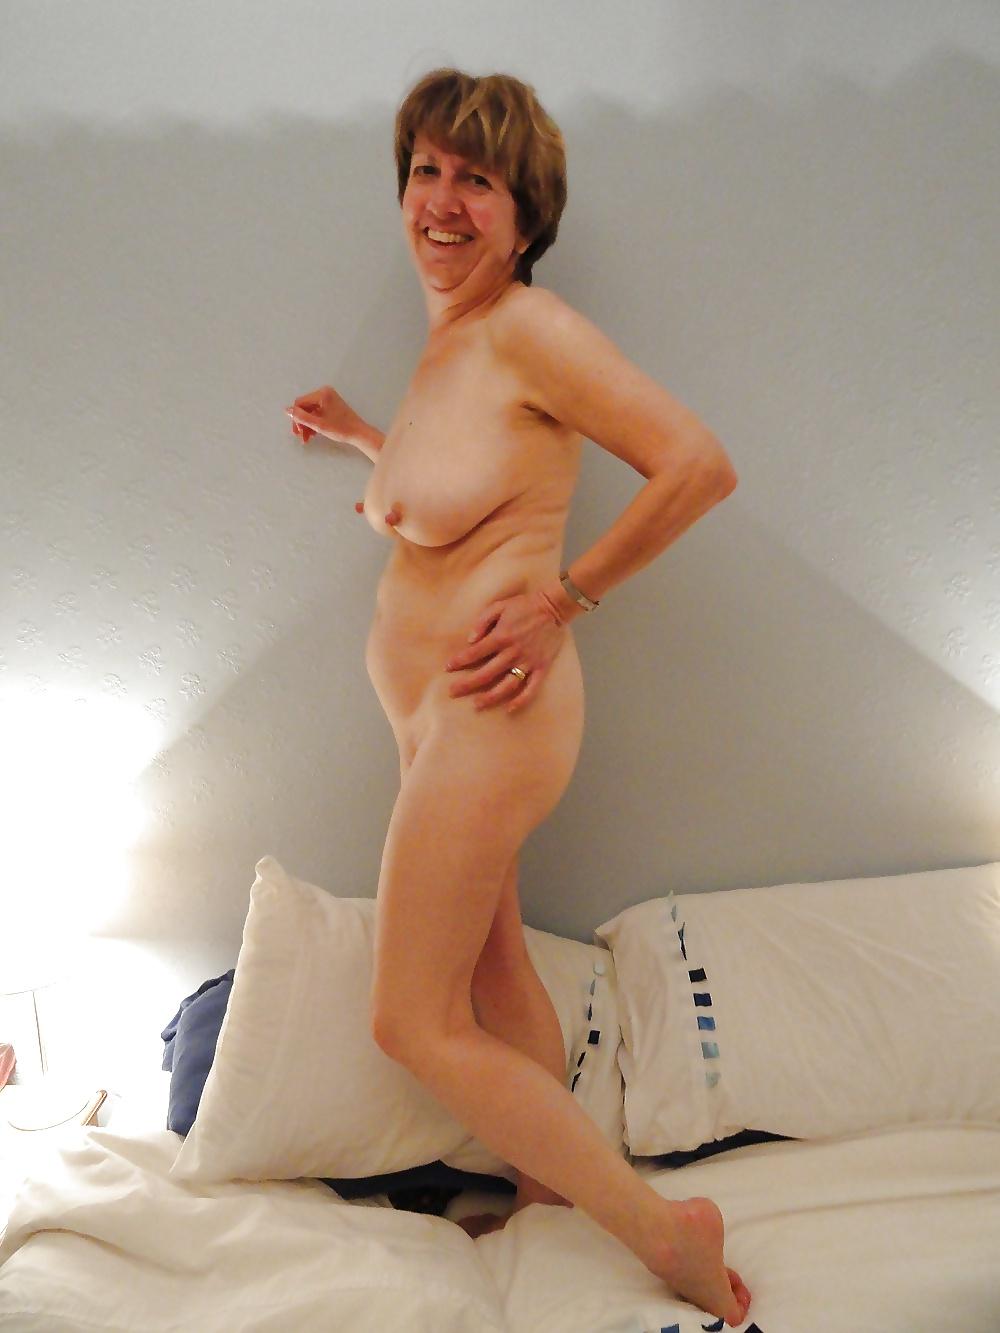 Naken hemmafru